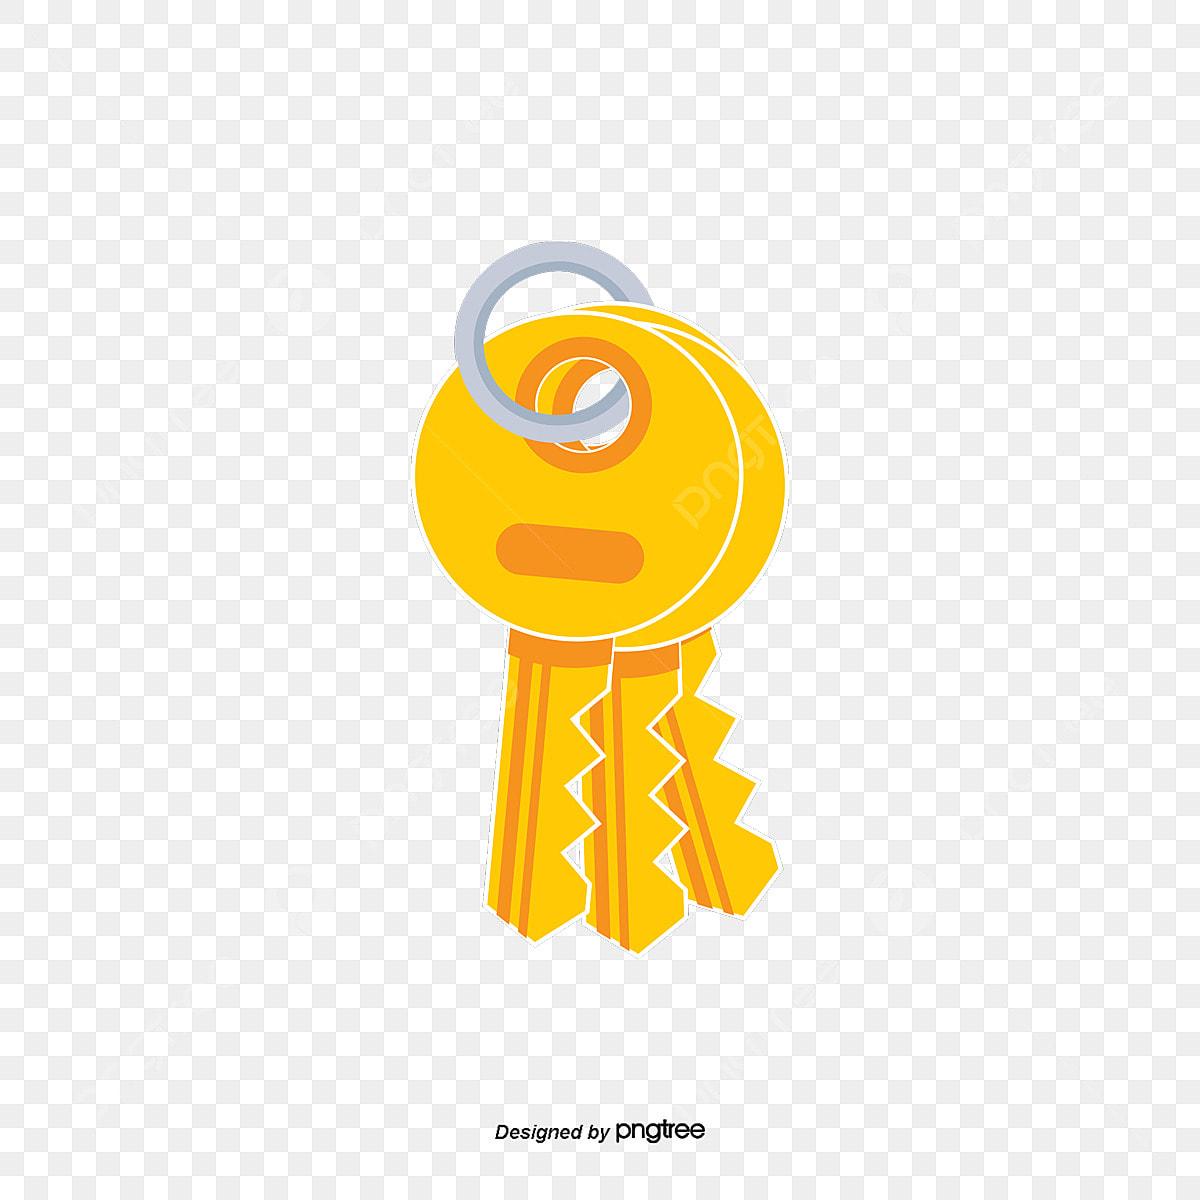 سلسلة مفاتيح ذهبية ناقلات الذهب سلسلة معدن Png وملف Psd للتحميل مجانا